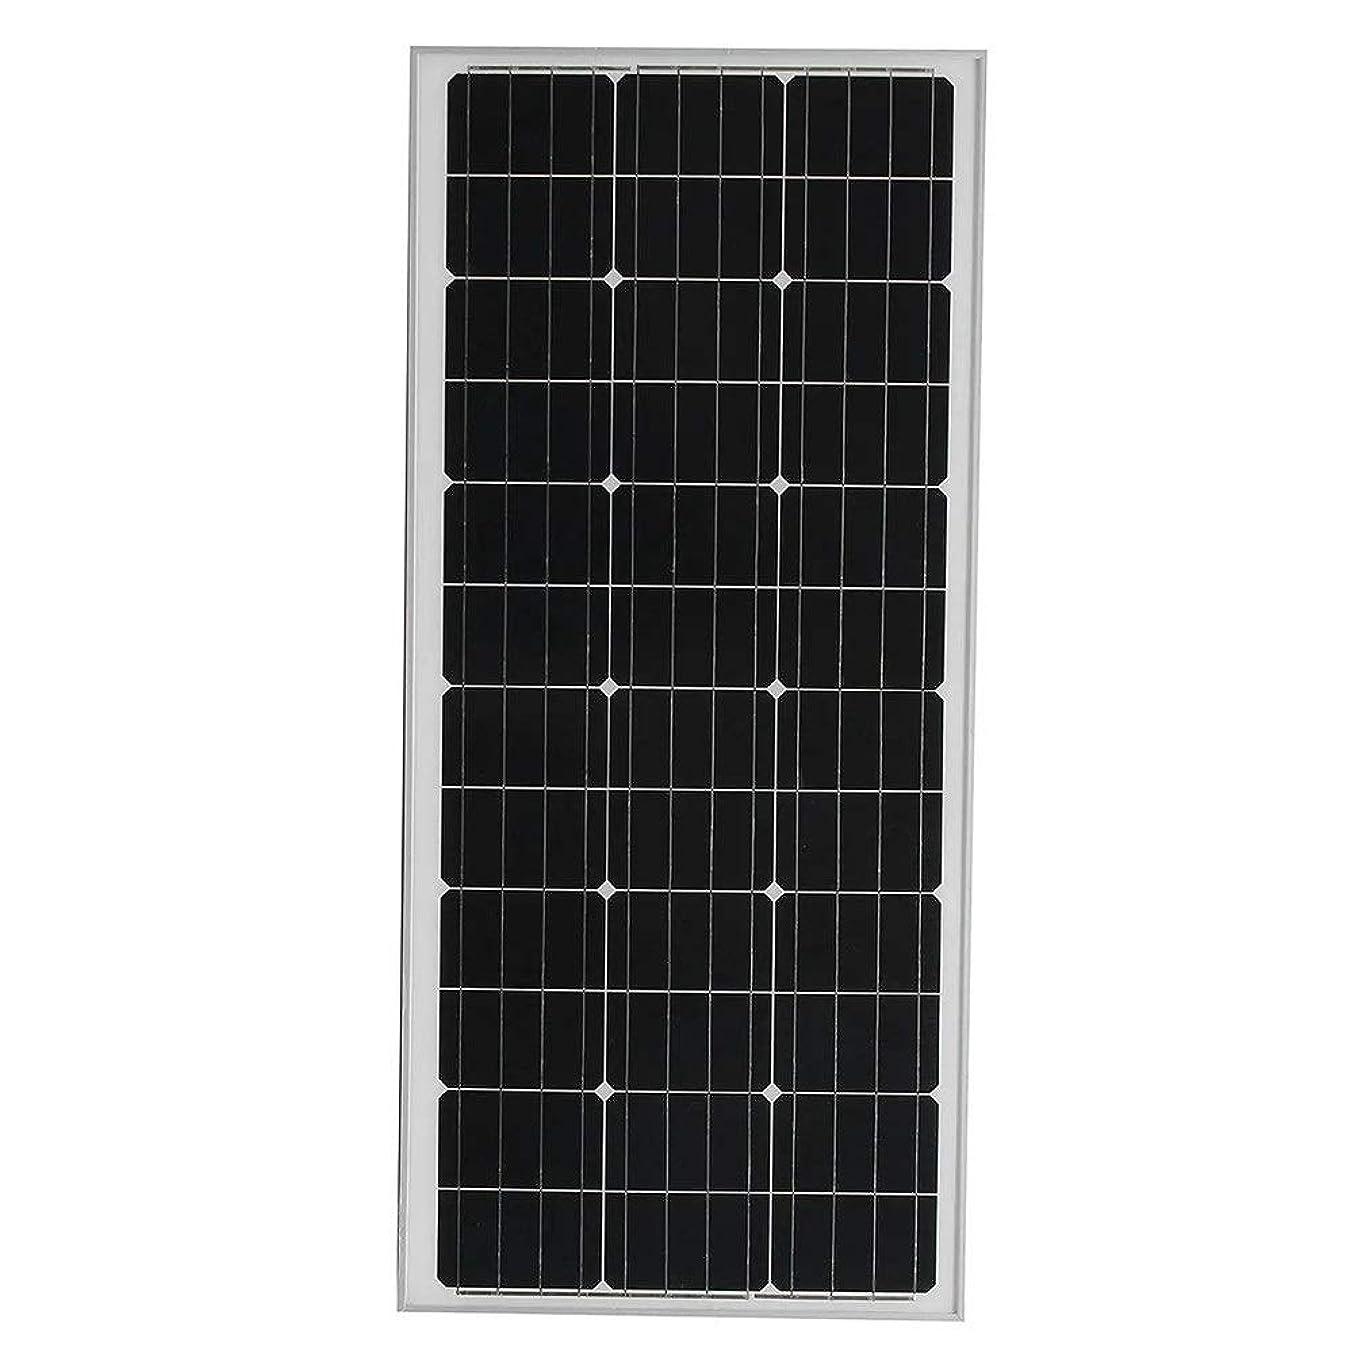 ブランド薄暗い反動ソーラーパネル ボートキャラバンキャンピングカーのために100W 18Vモノラルソーラーパネル充電器 (Color : Black, Size : 1200x540x30mm)